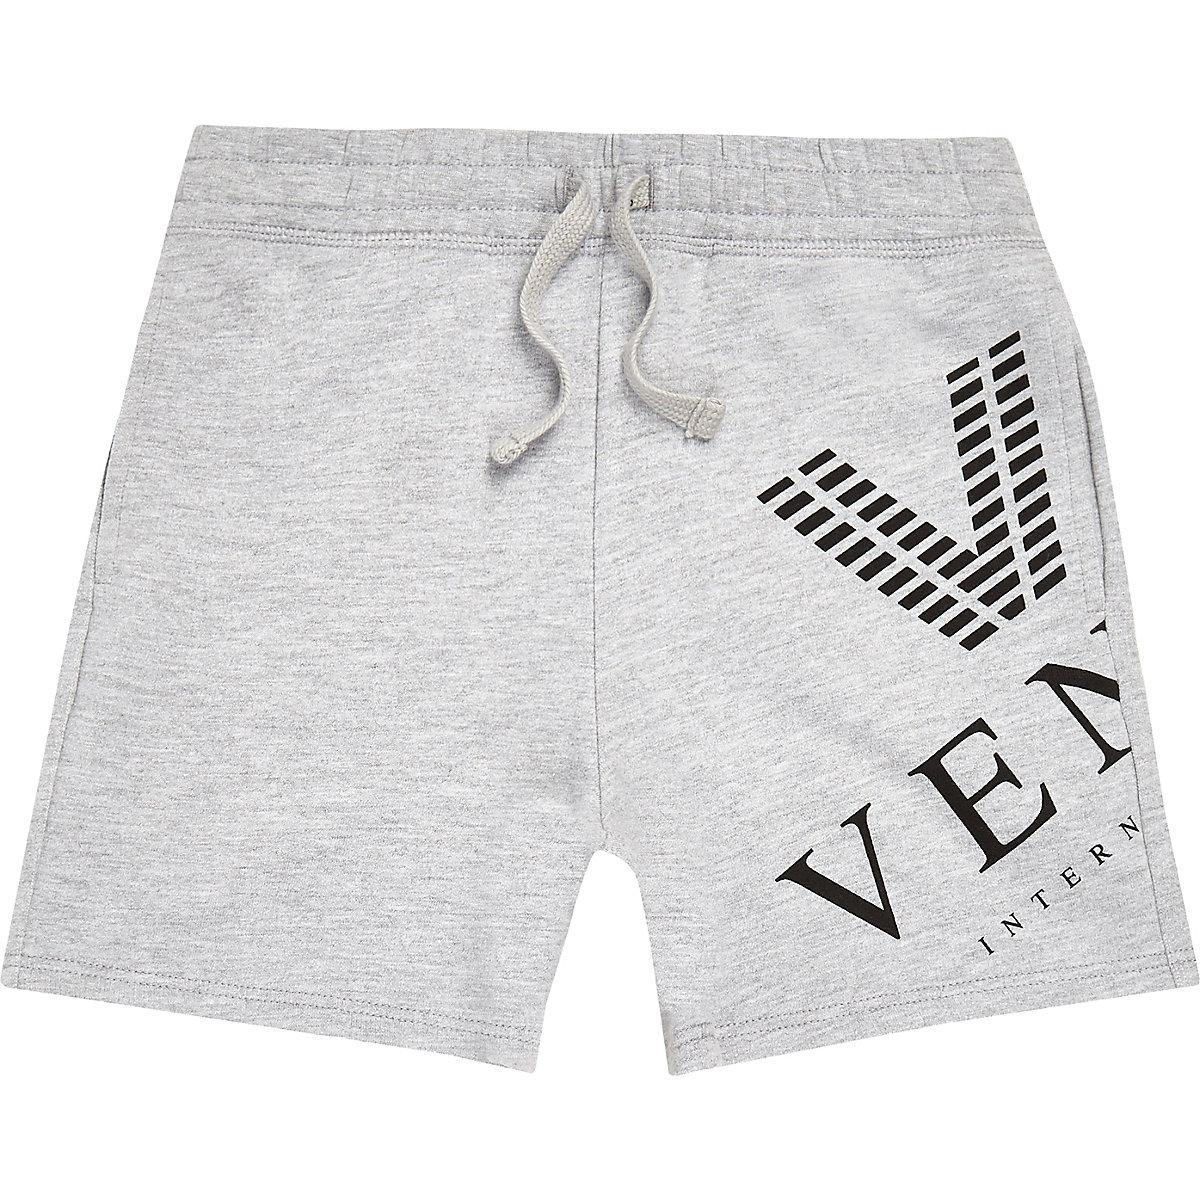 Boys grey marl 'Venti' shorts